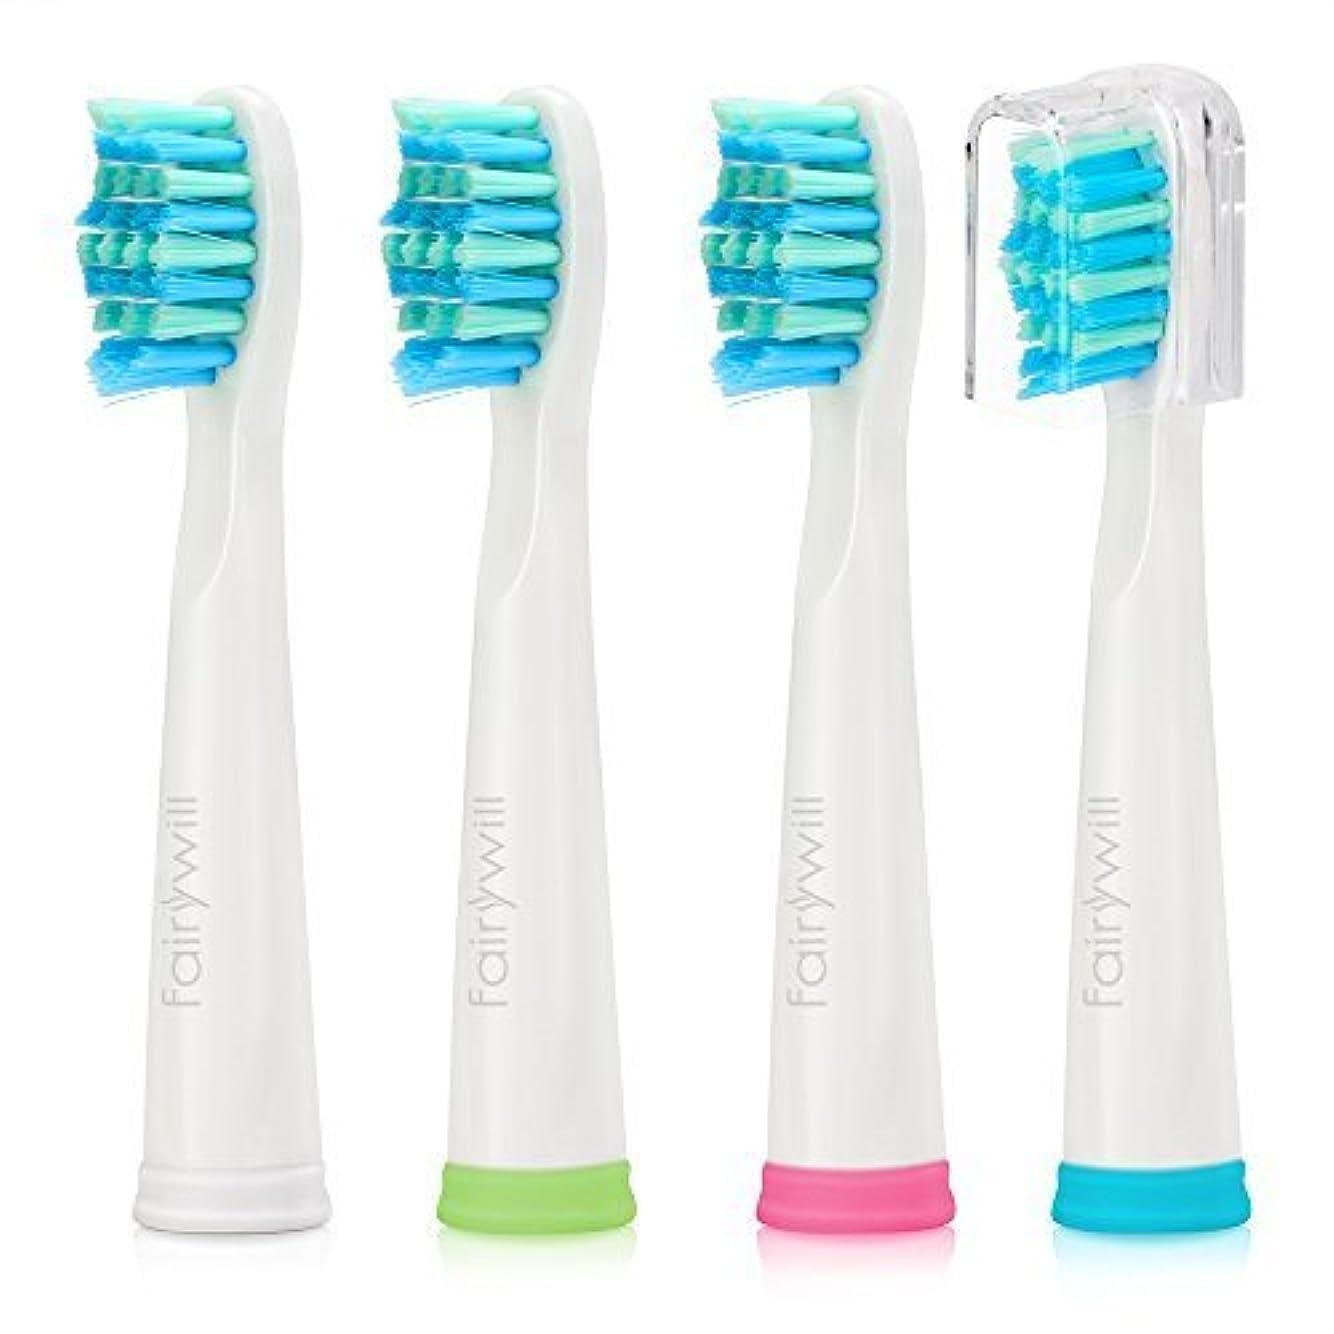 戻る出します追い越すFairywill 電動歯ブラシ用 替ブラシ 4本入 互換ブラシ ブラシヘッド やわらかめ BH01